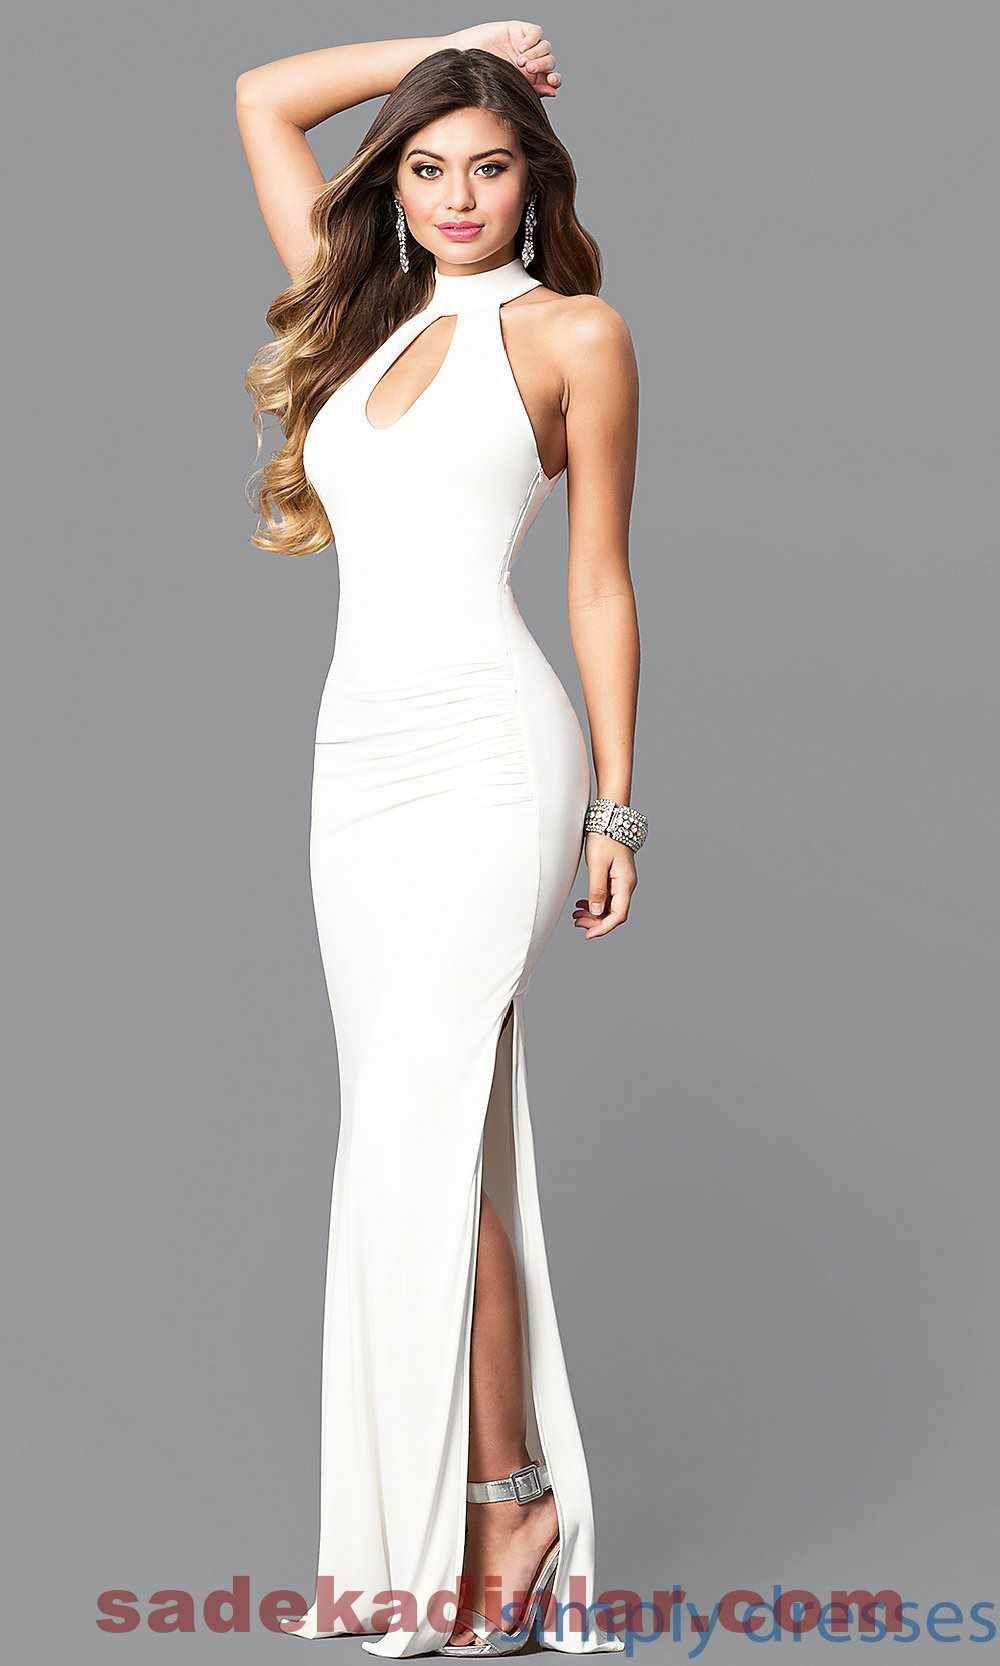 2020 Abiye Elbise Modelleri Son Moda Gece Elbiseleri Aksamustu Giysileri Beyaz Balo Elbisesi Elbise